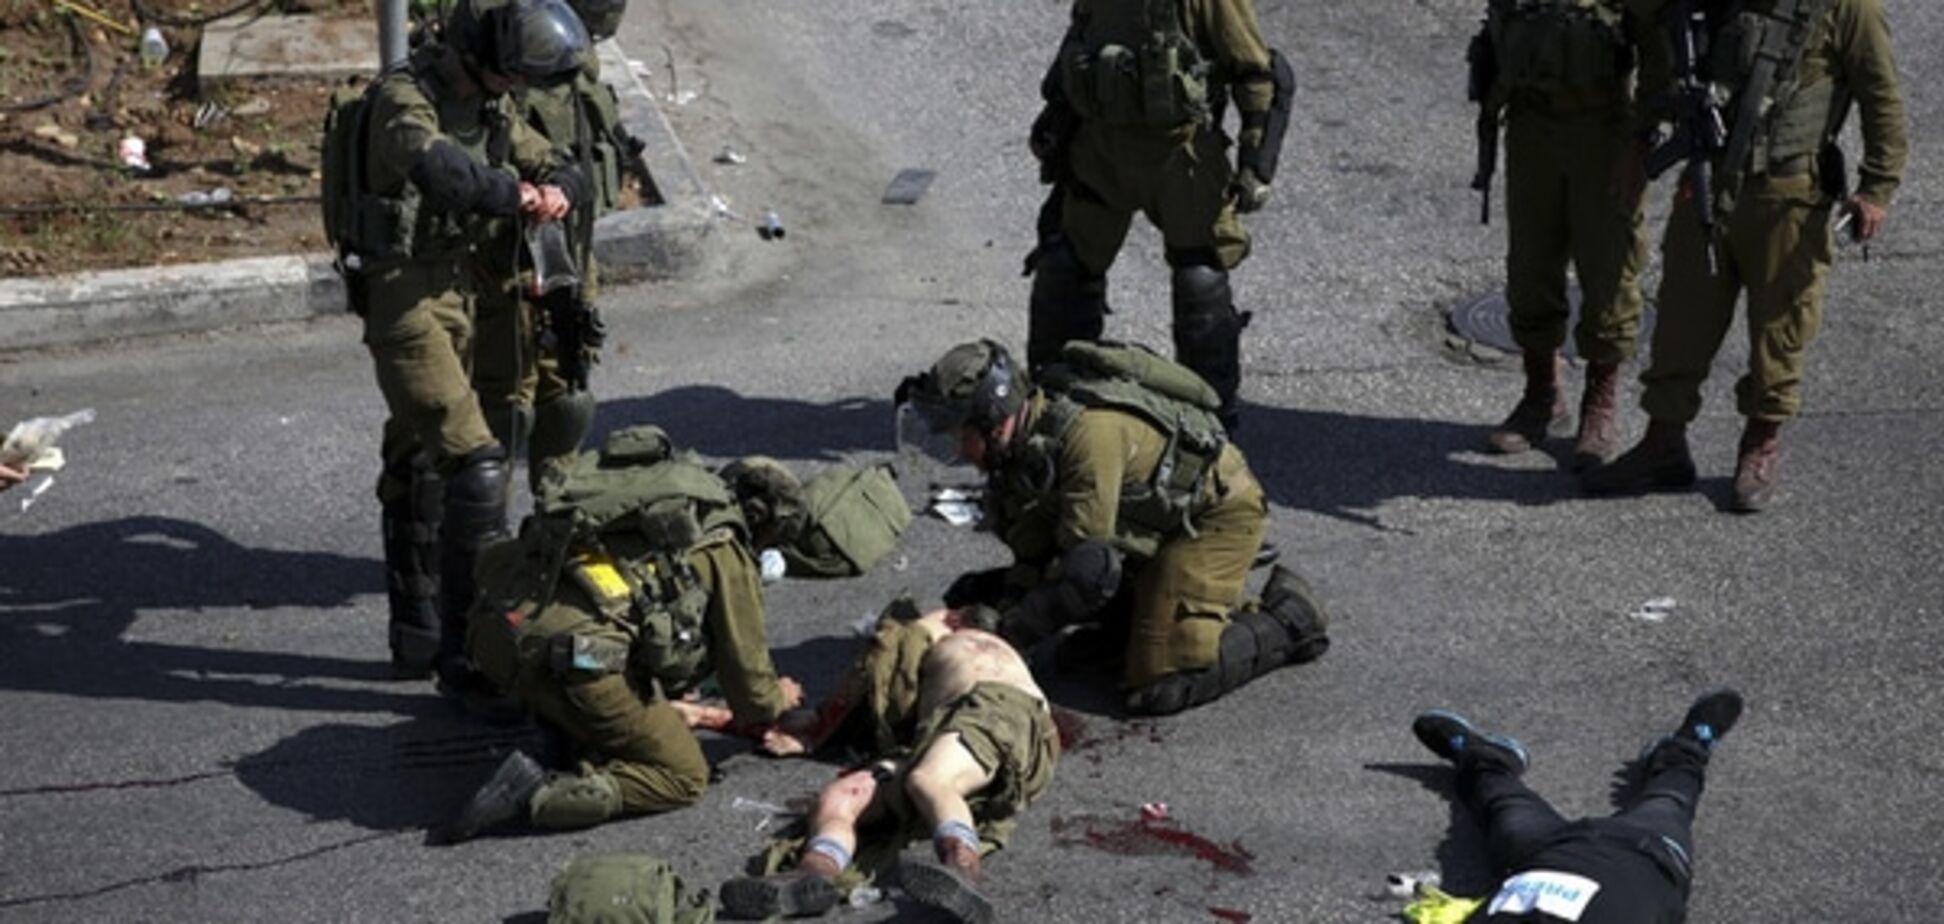 У Росії викрили лицемірство кремлівських 'борців із тероризмом' на прикладі Ізраїлю